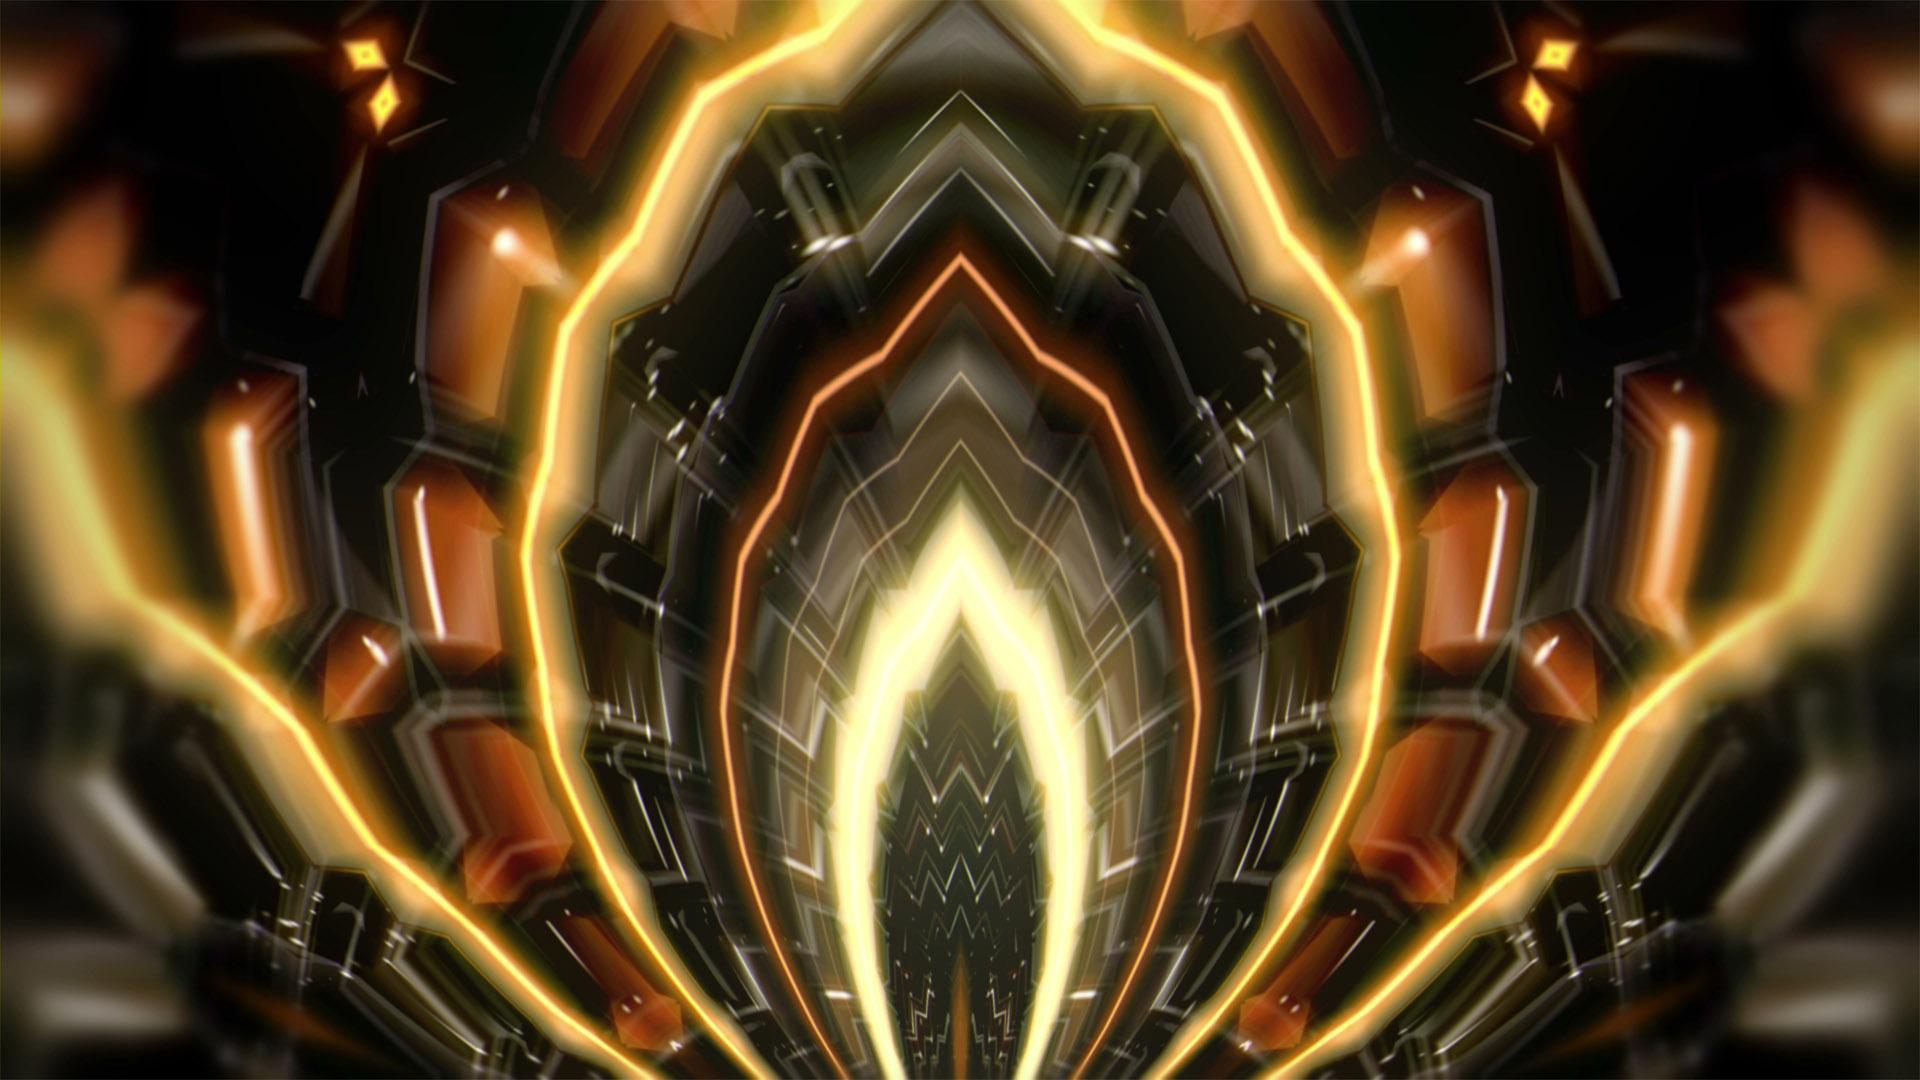 VJ Loops Pack - Gold Kokon: Full HD 60fps  Concert Video Loops: LIME ART  GROUP Shop